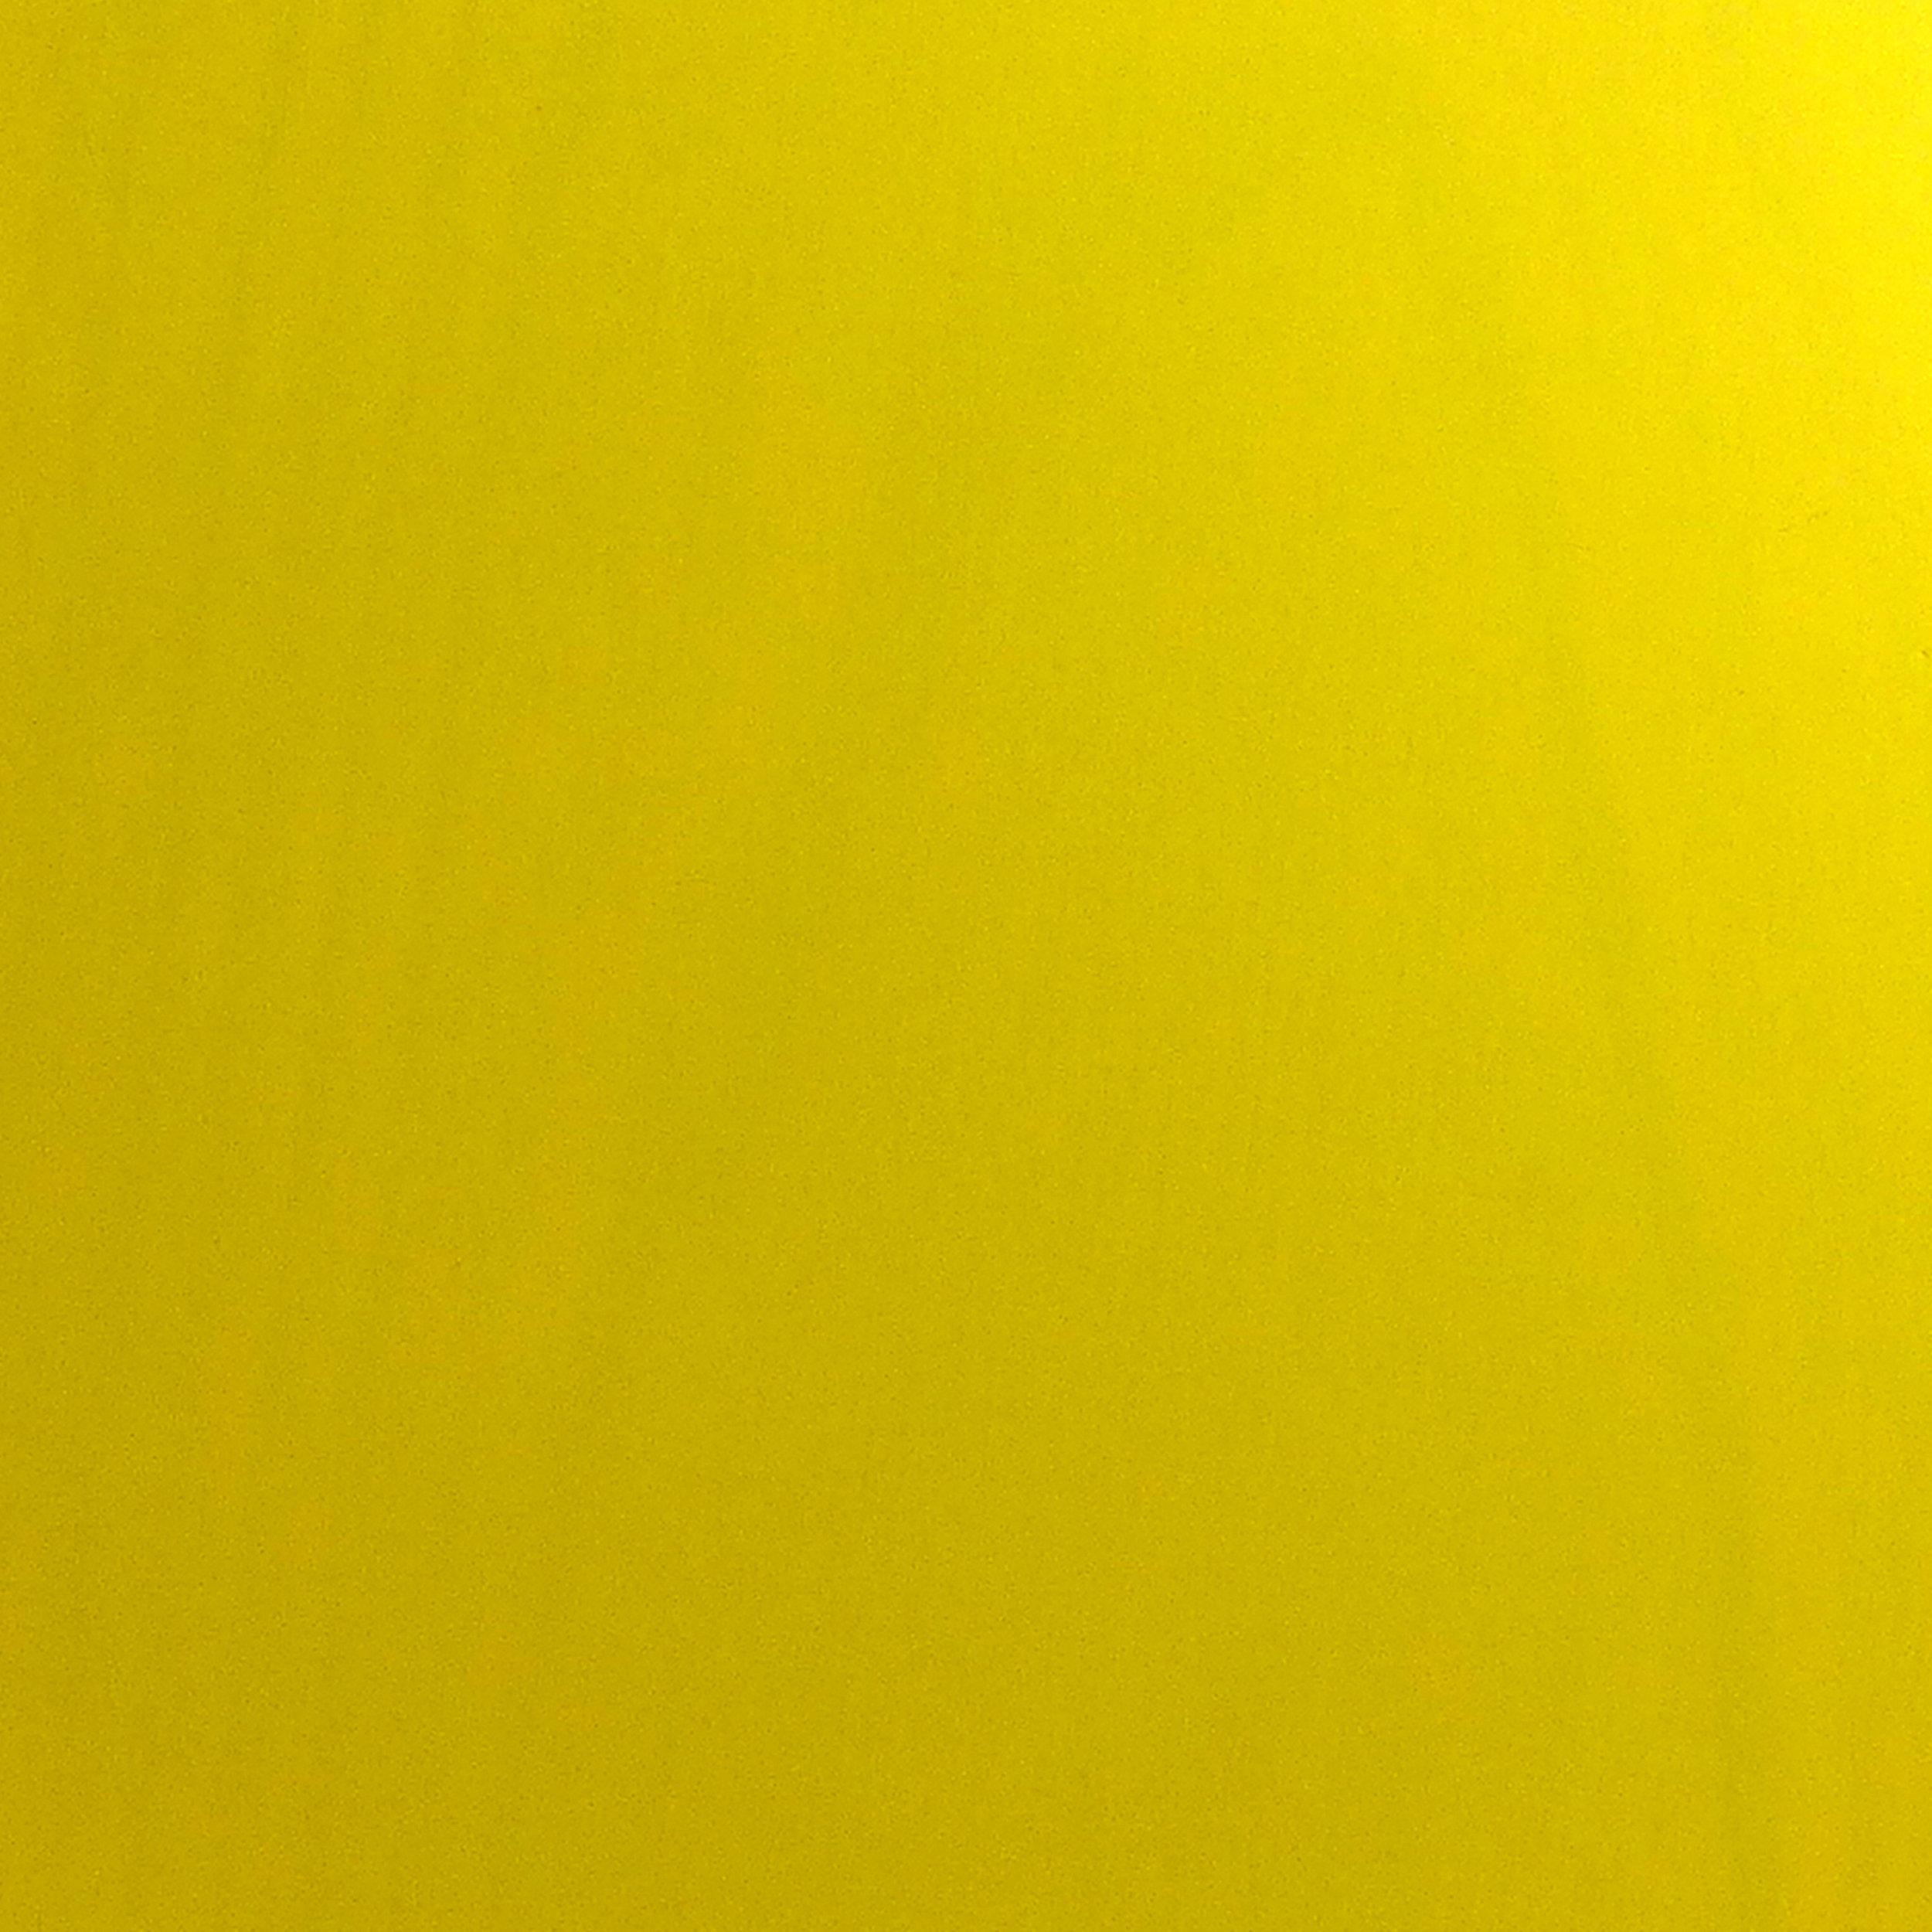 Yellow, Buttermilk